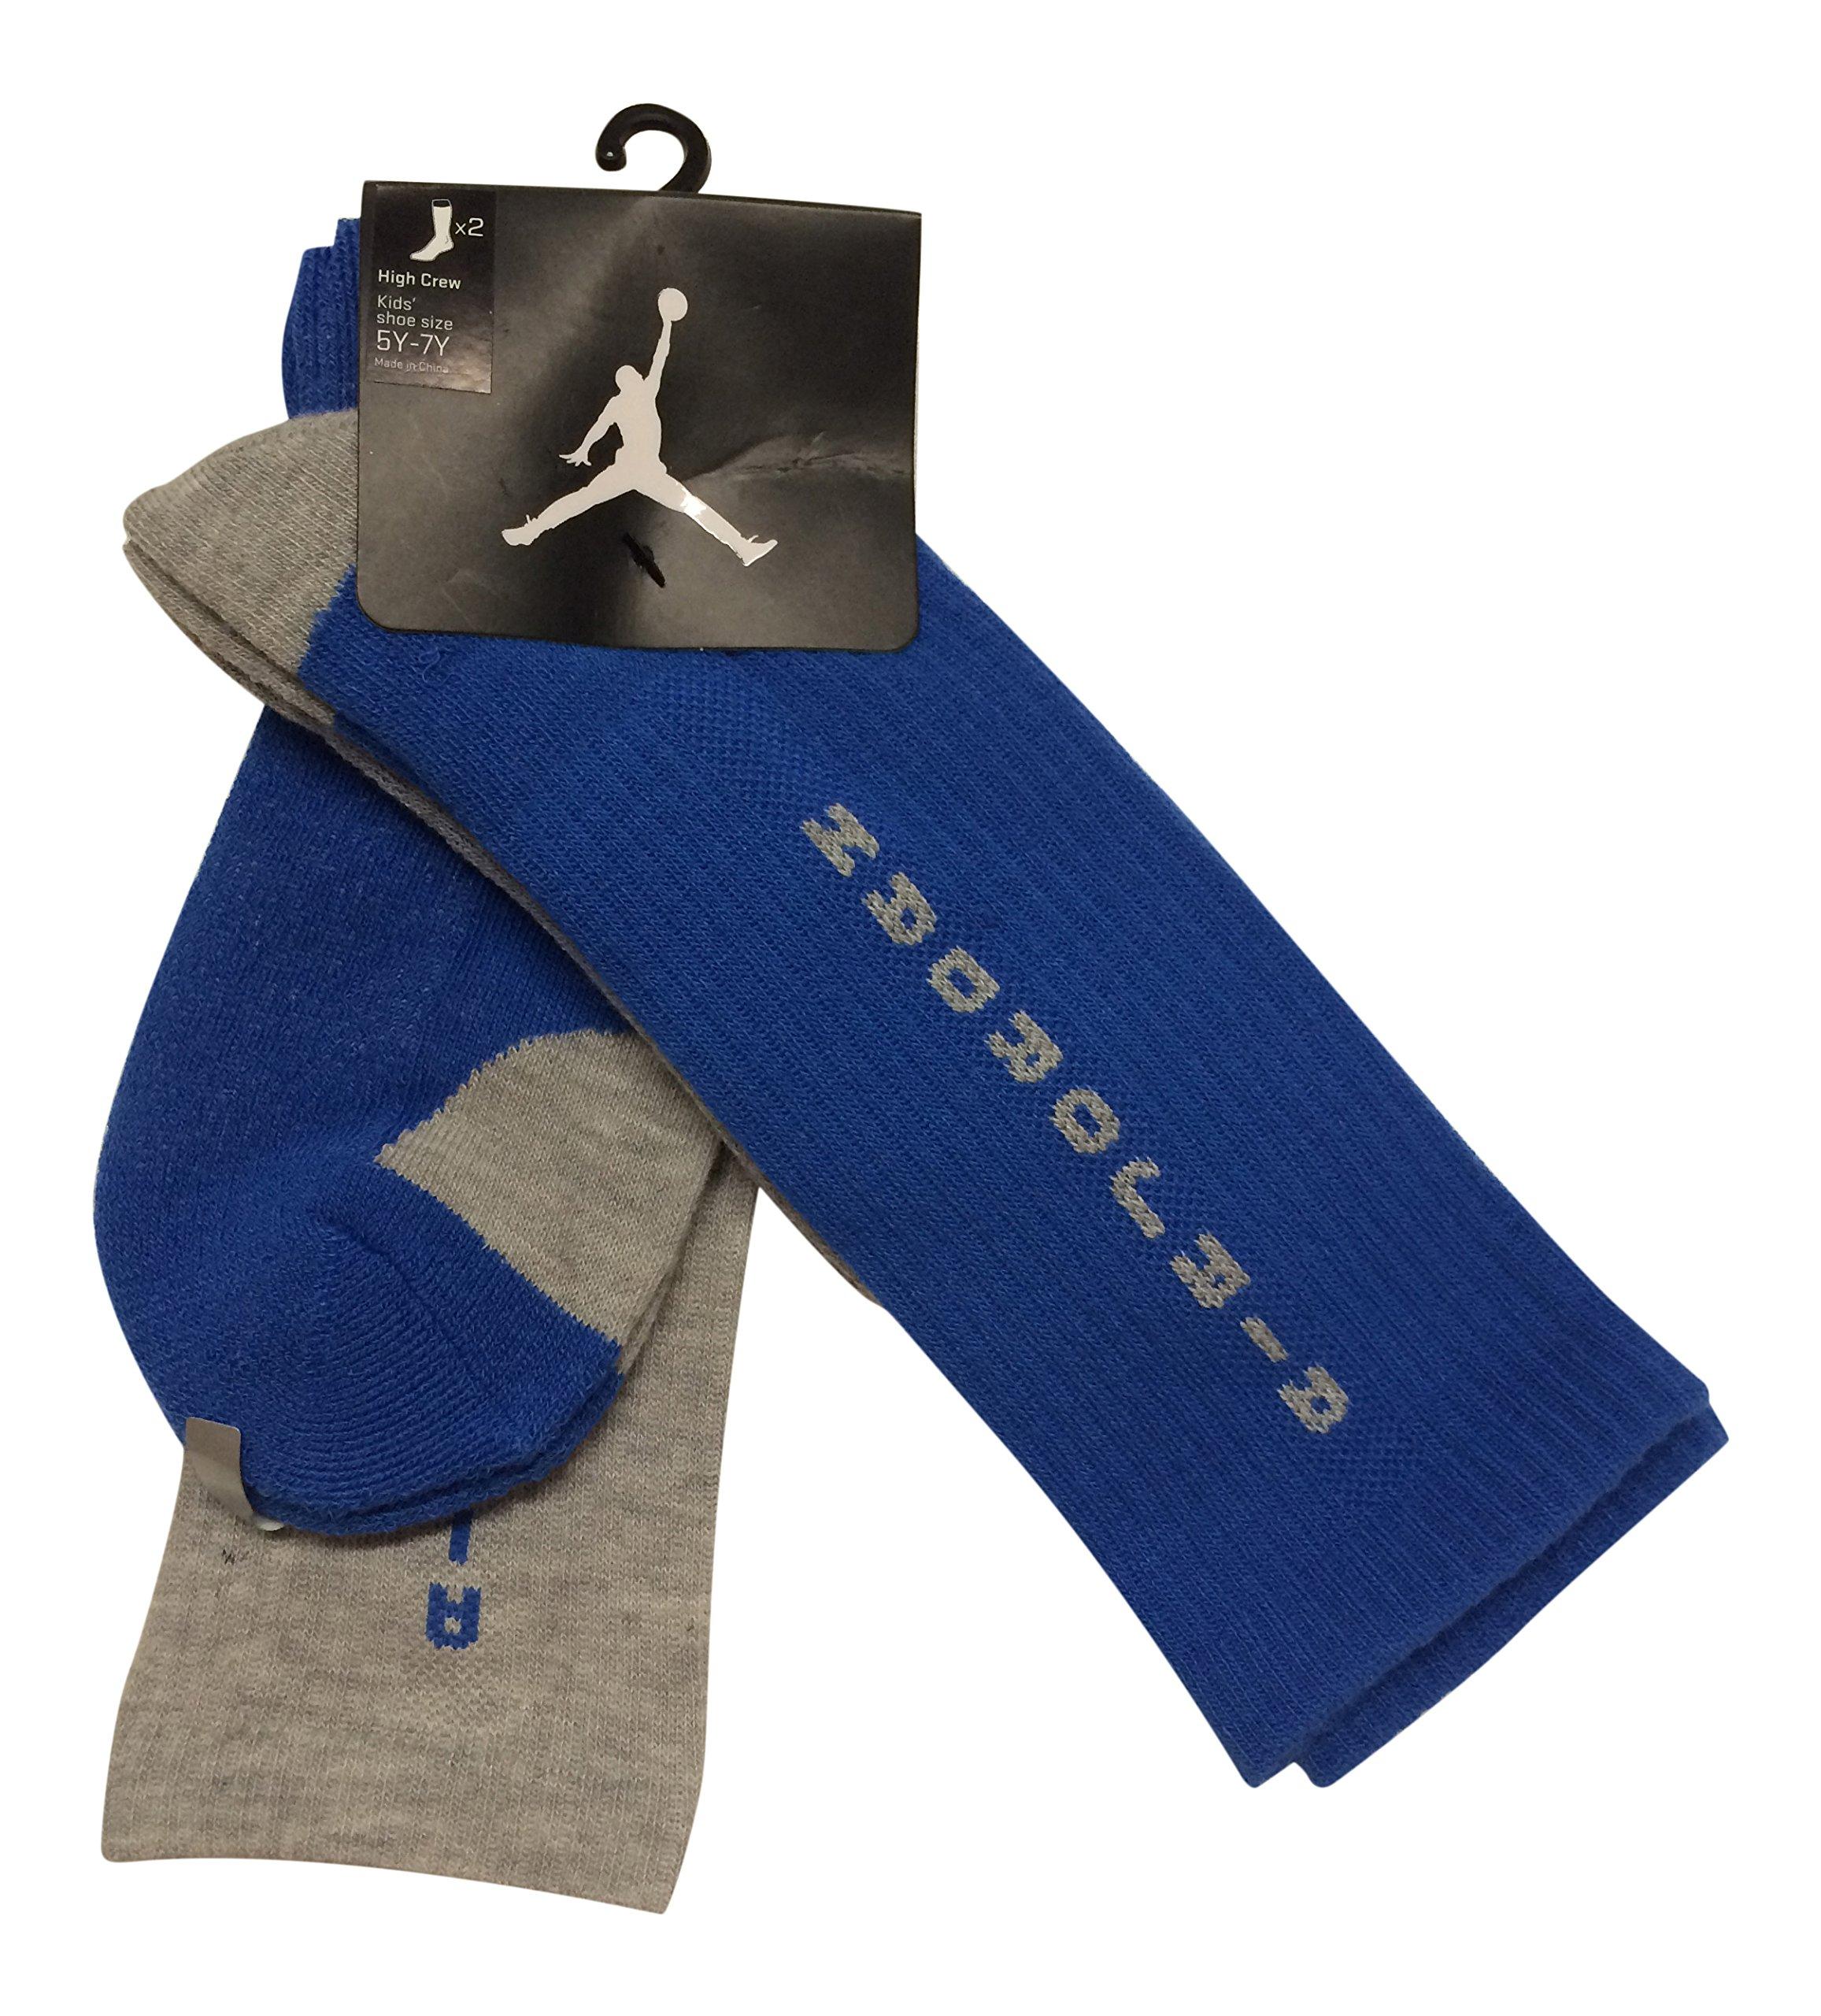 Nike 2 Pairs/Pack Kids High Crew Socks, Blue/Grey, 5Y-7Y